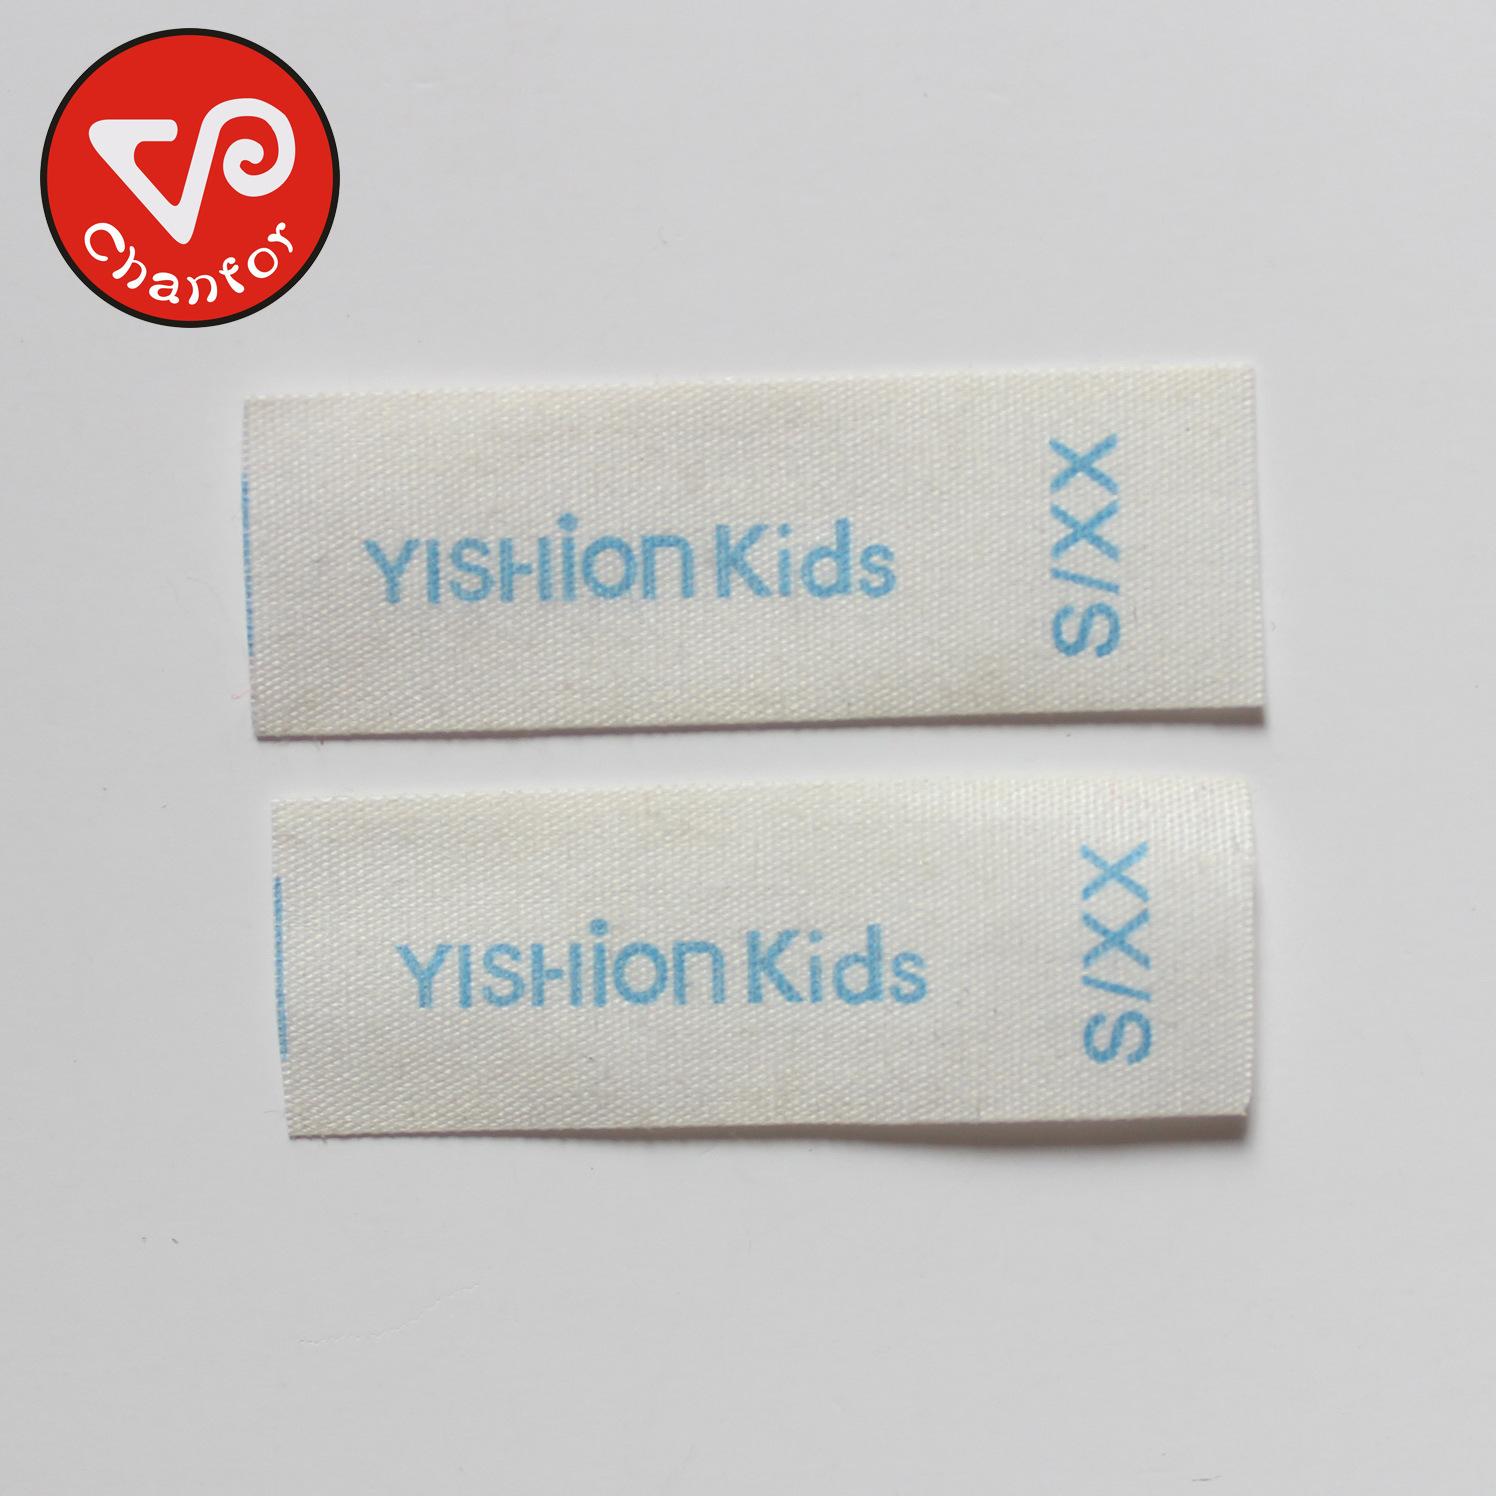 Bông cổ áo tùy chỉnh thực hiện bông có thể giặt con dấu của trẻ em mặc nhãn hiệu vải nhãn thiết kế m